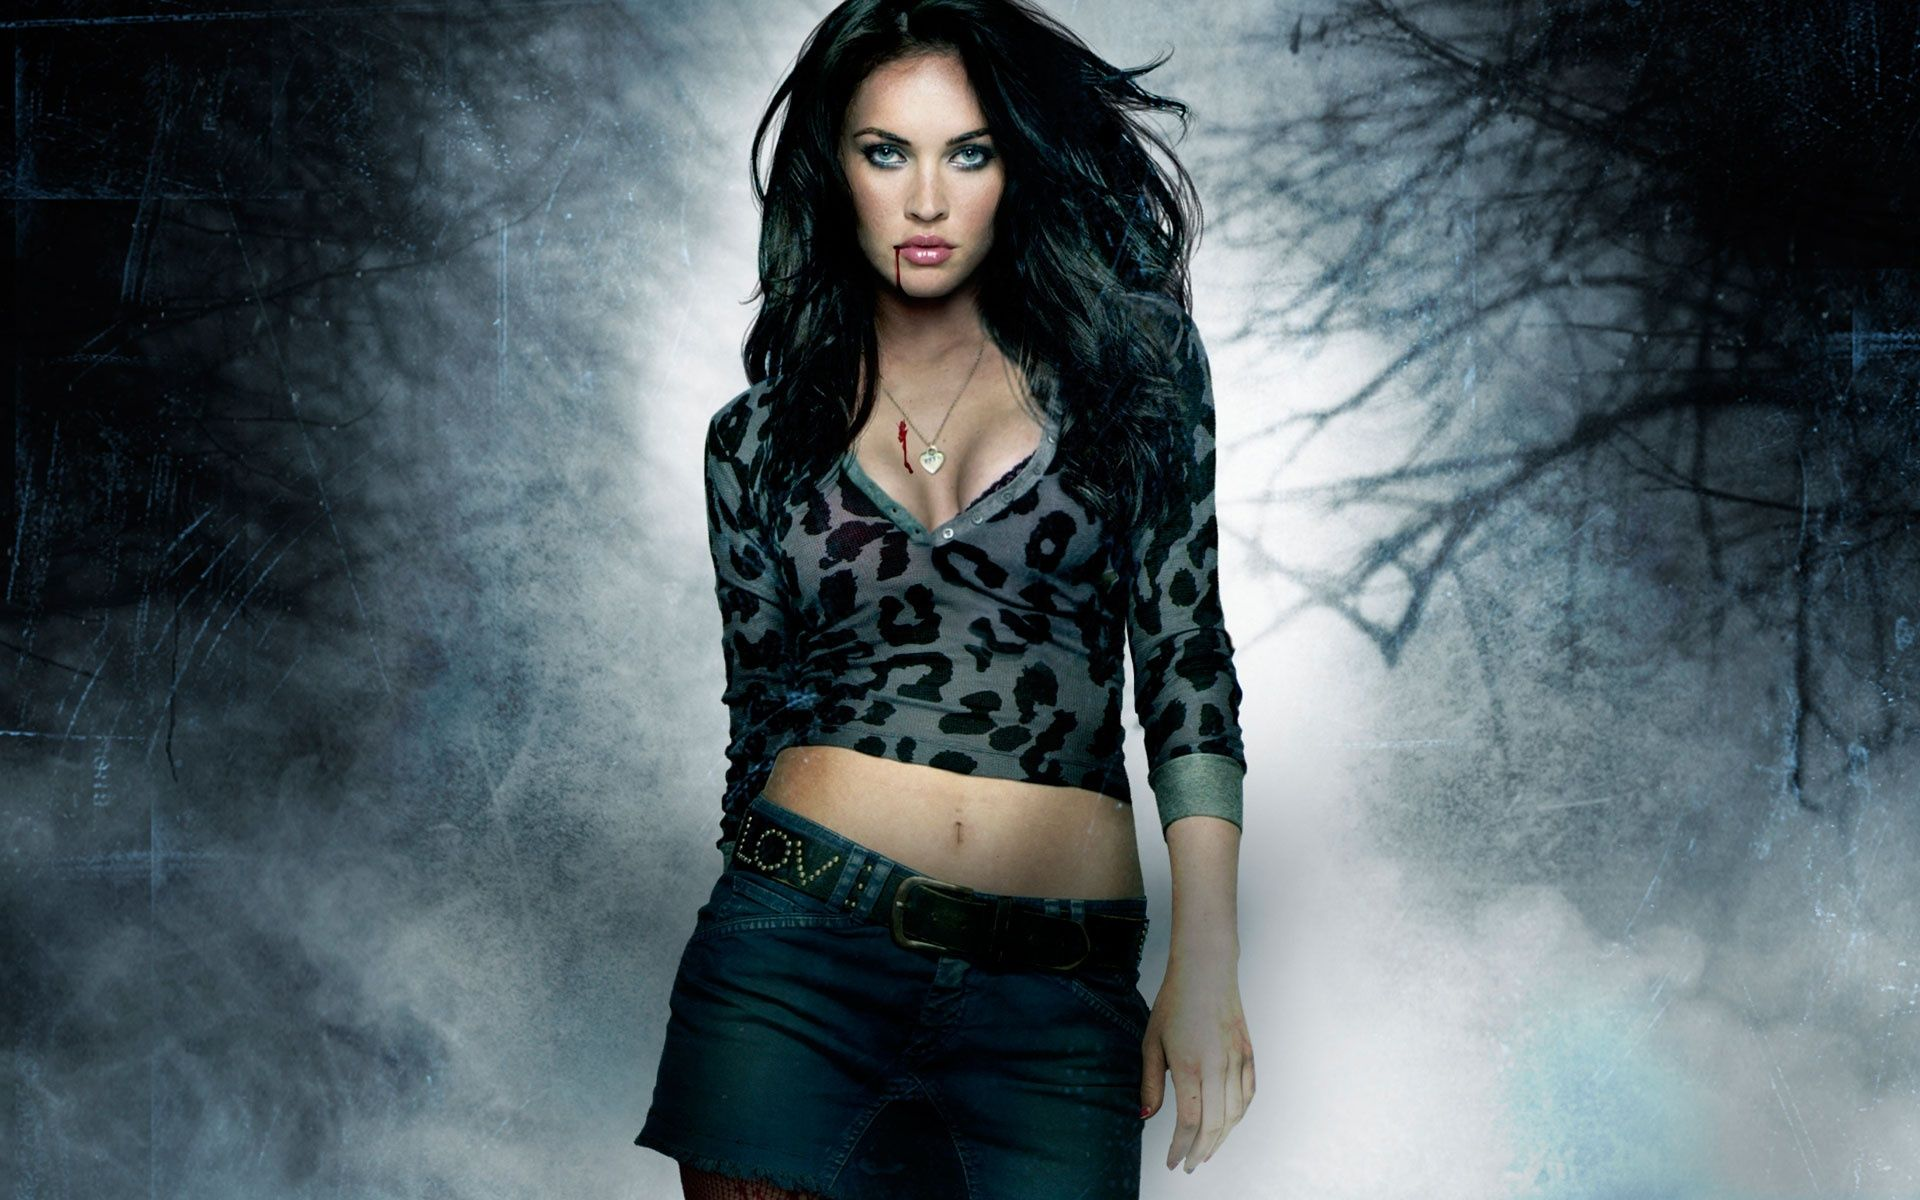 Megan Fox Lesbian Kiss Hot Girls Wallpaper